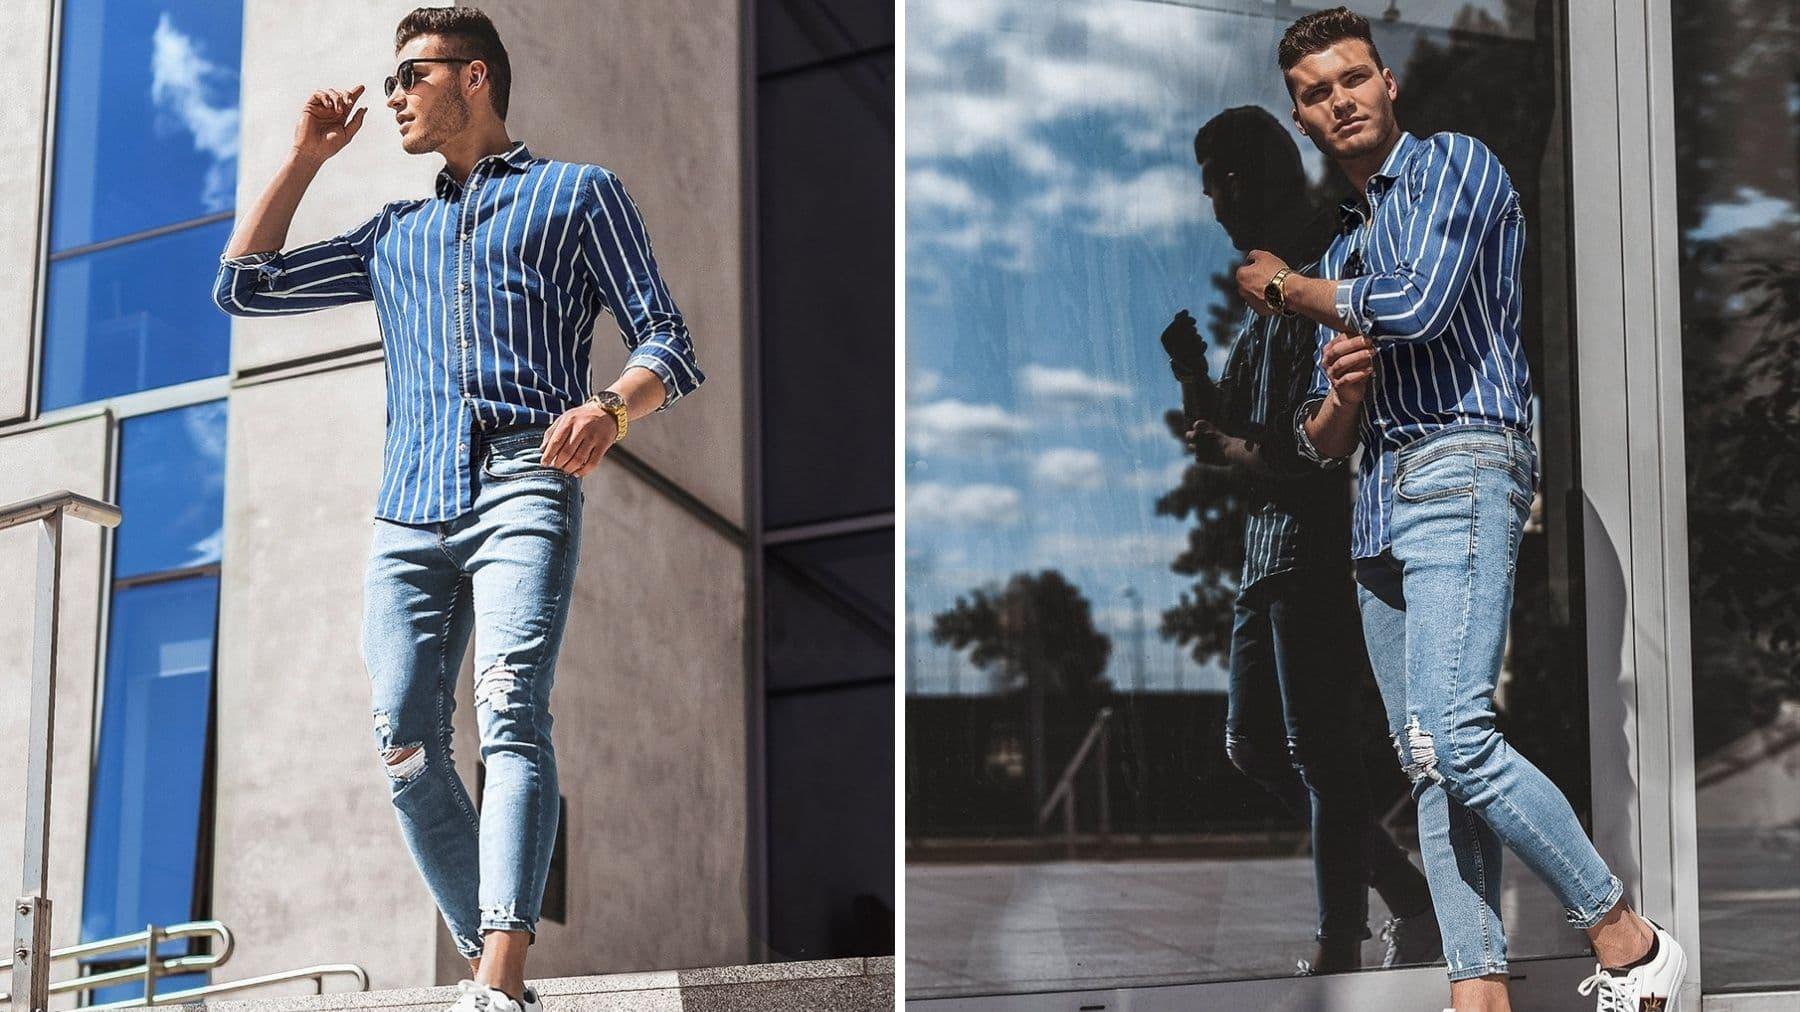 Jak się powinien ubierać dojrzały mężczyzna? » Blog o